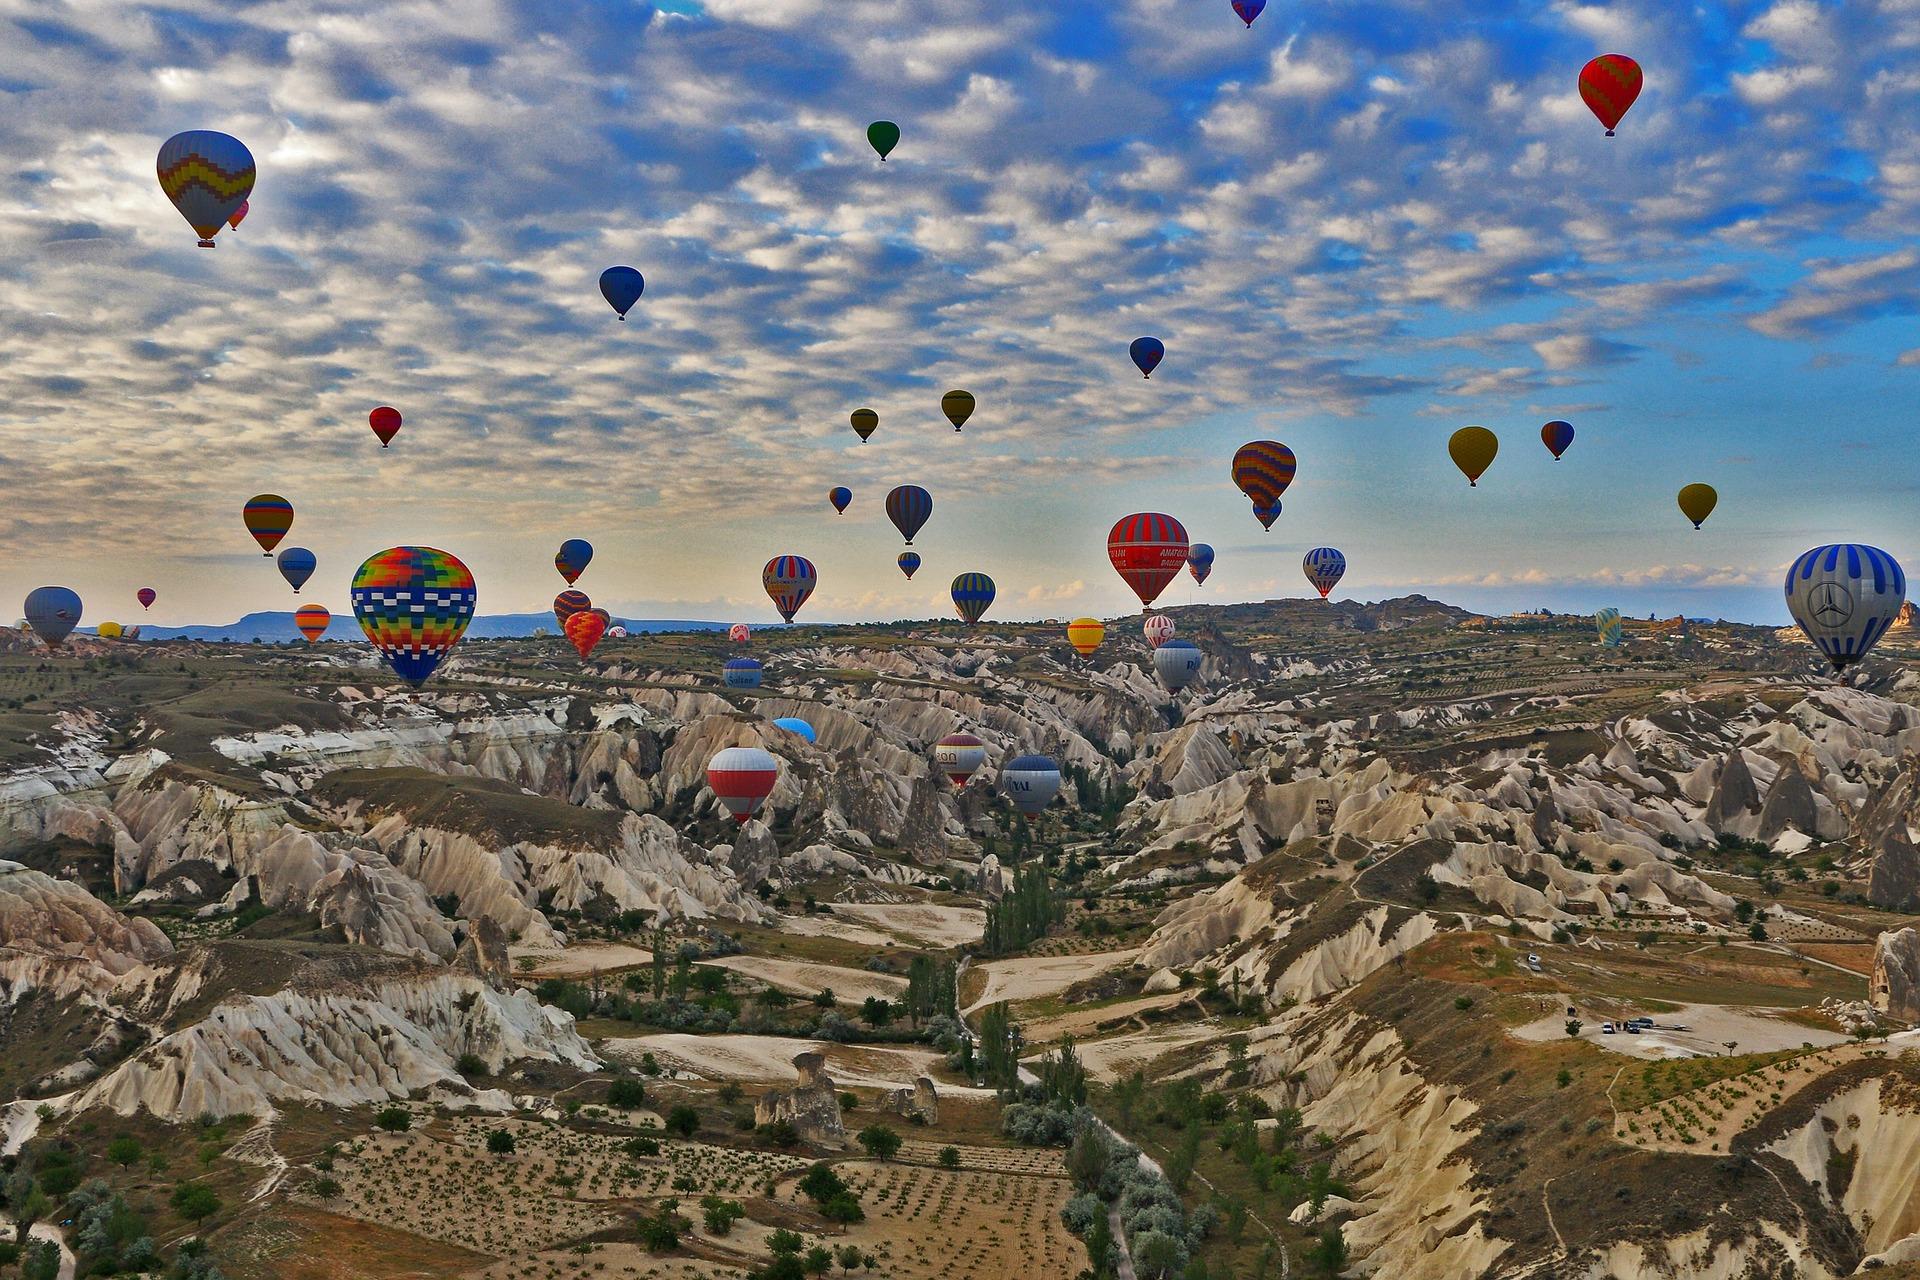 cappadocia-765498_1920